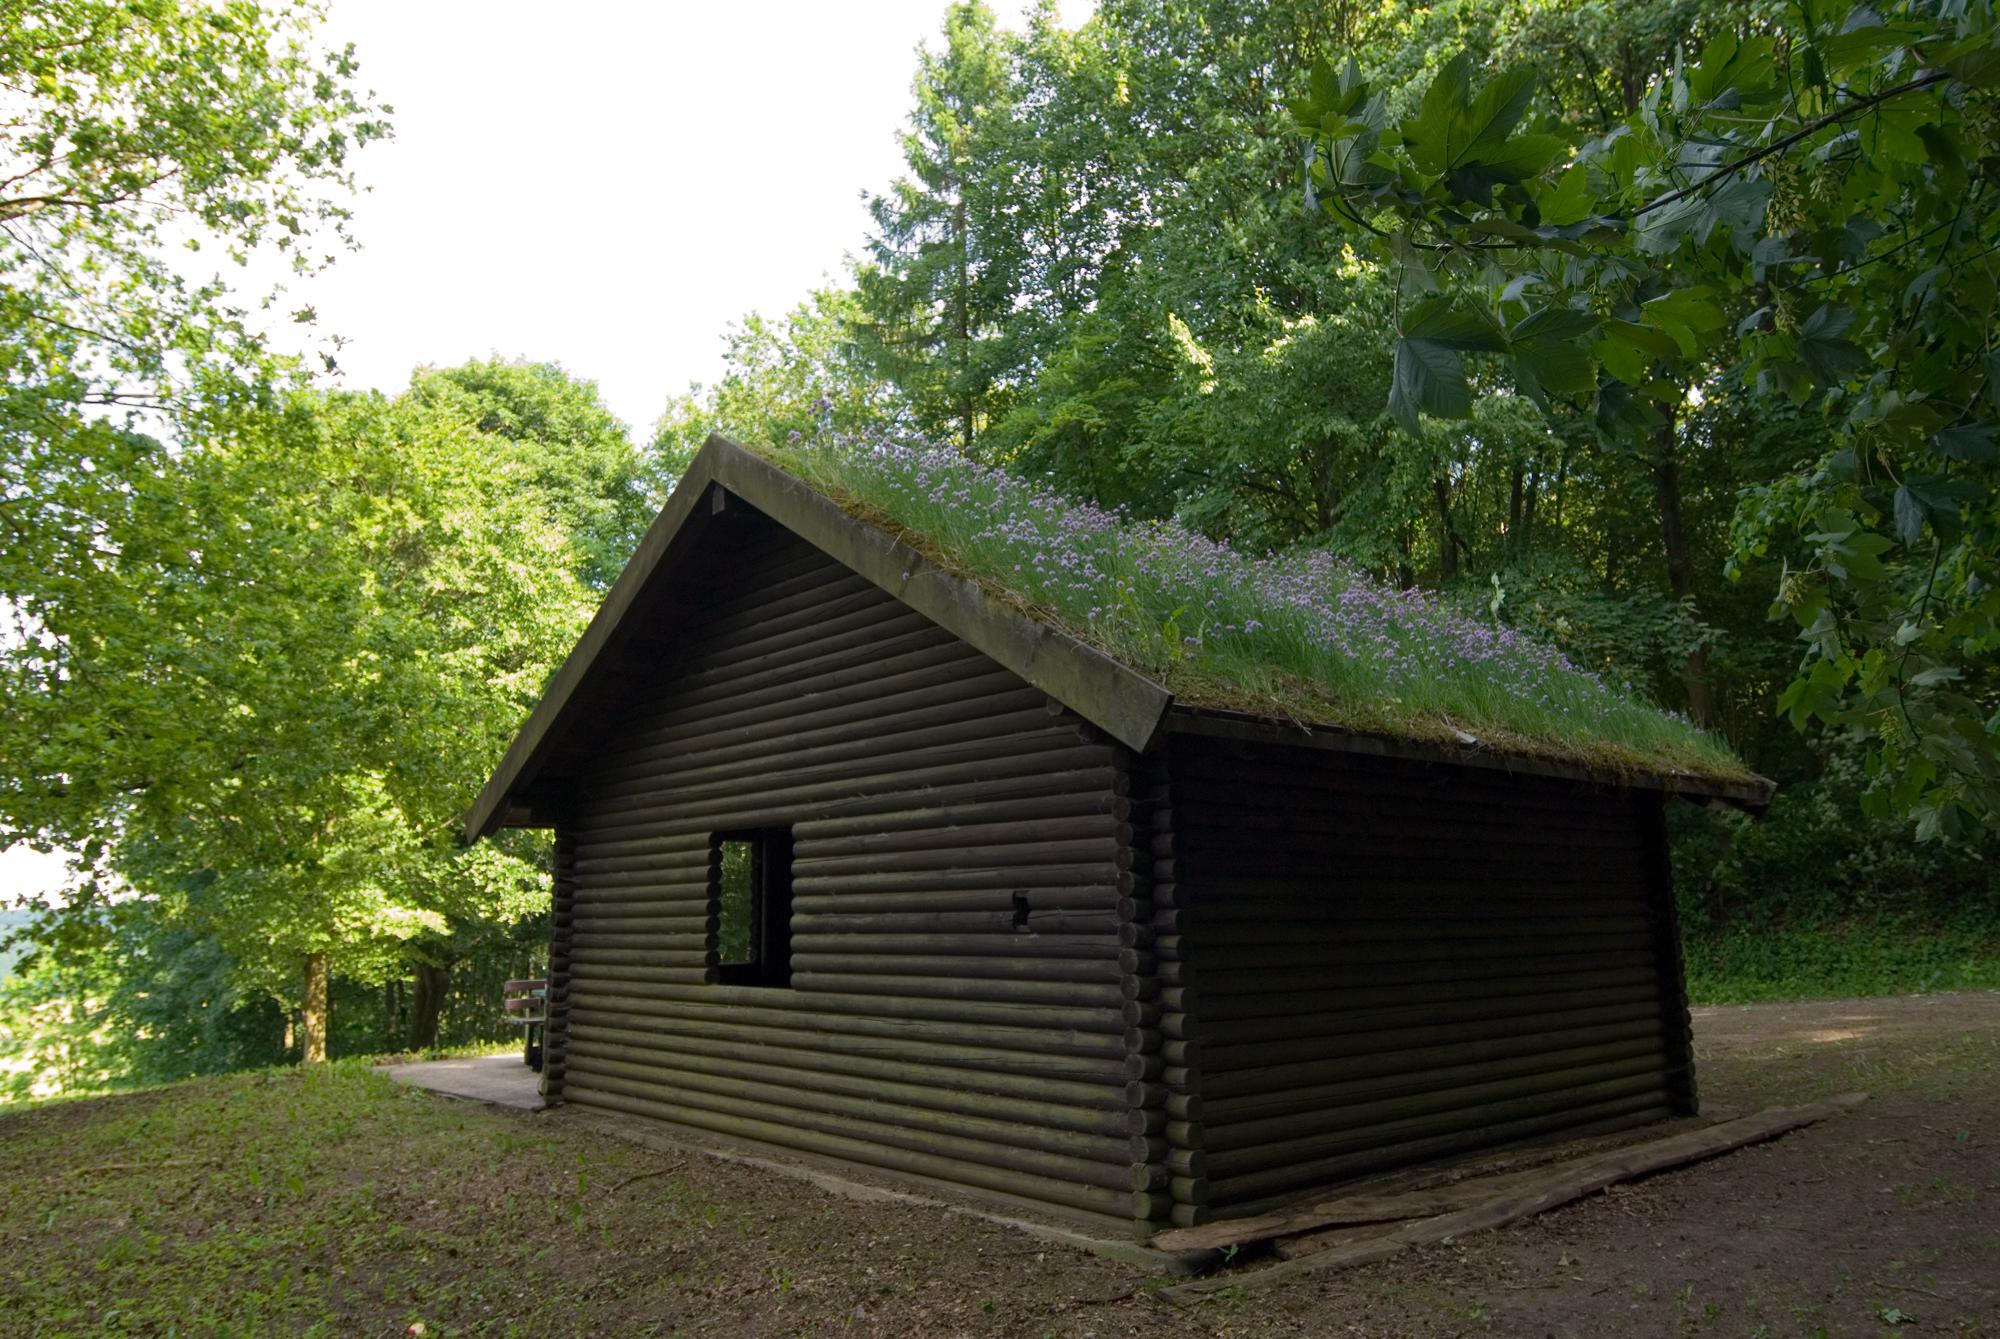 Neben dem Kaleidoskop lädt eine Schutzhütte zur Rast ein